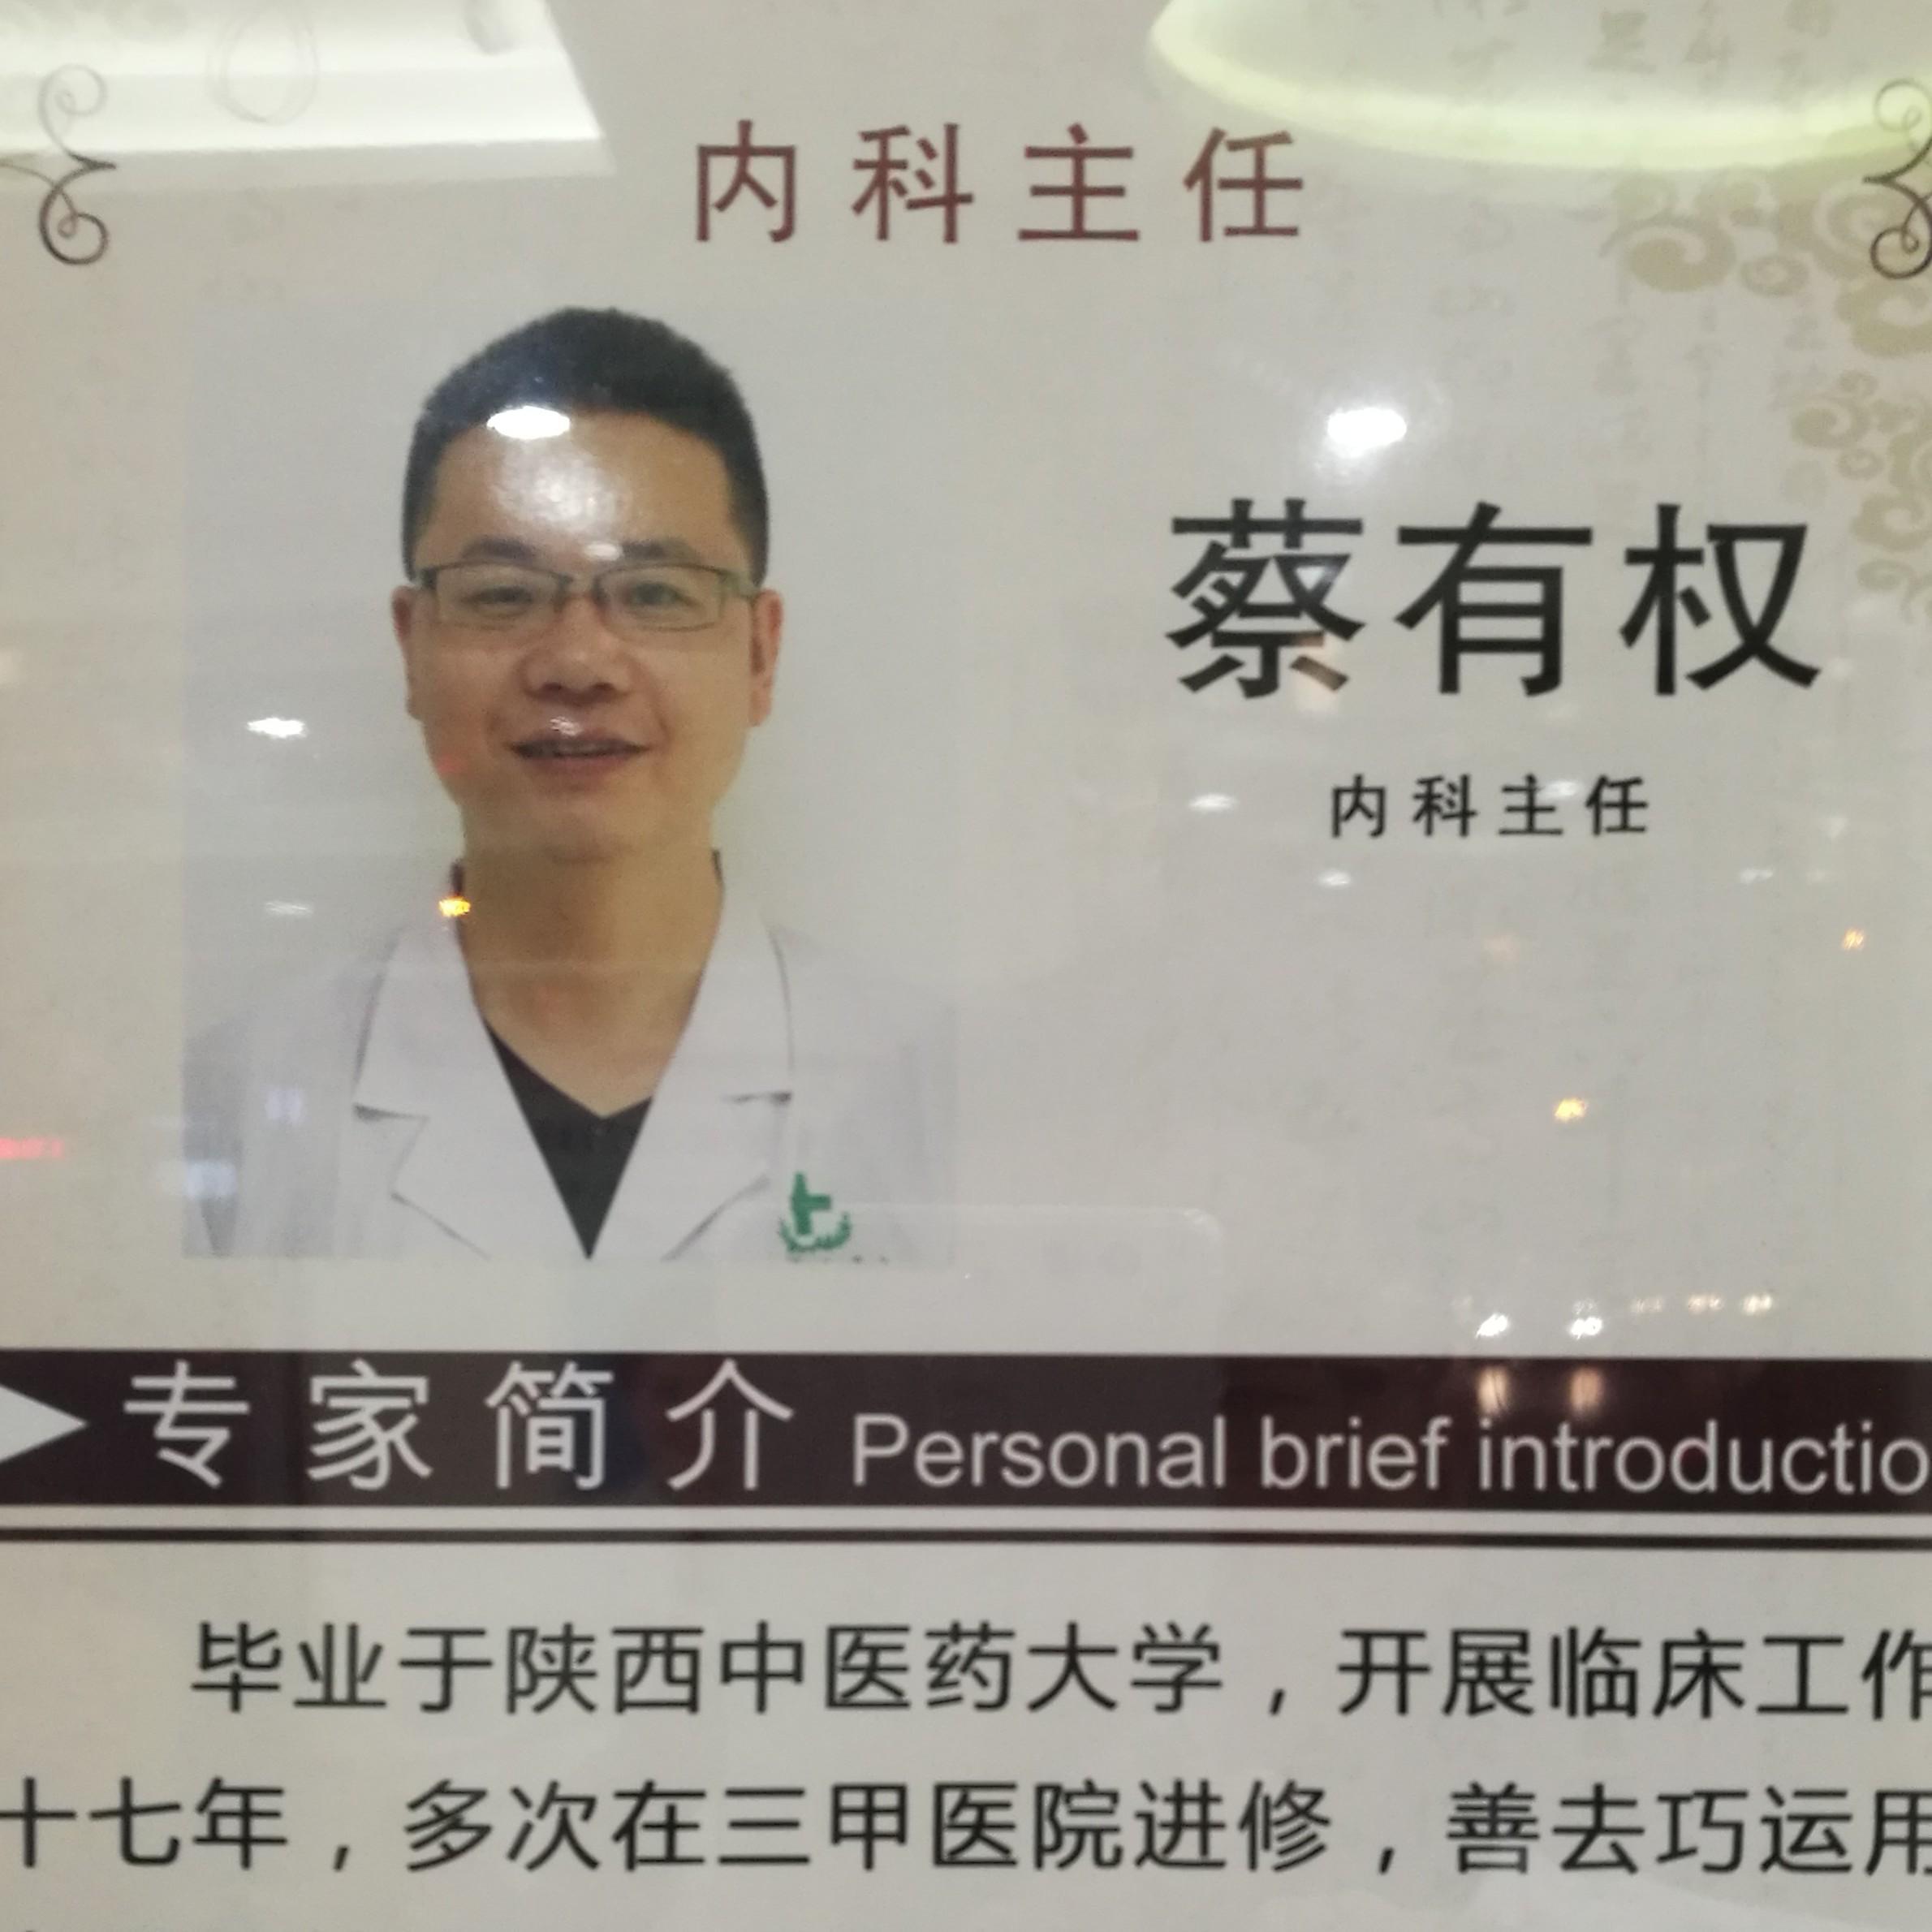 桐庐怡生堂医院内科主任蔡有权照片